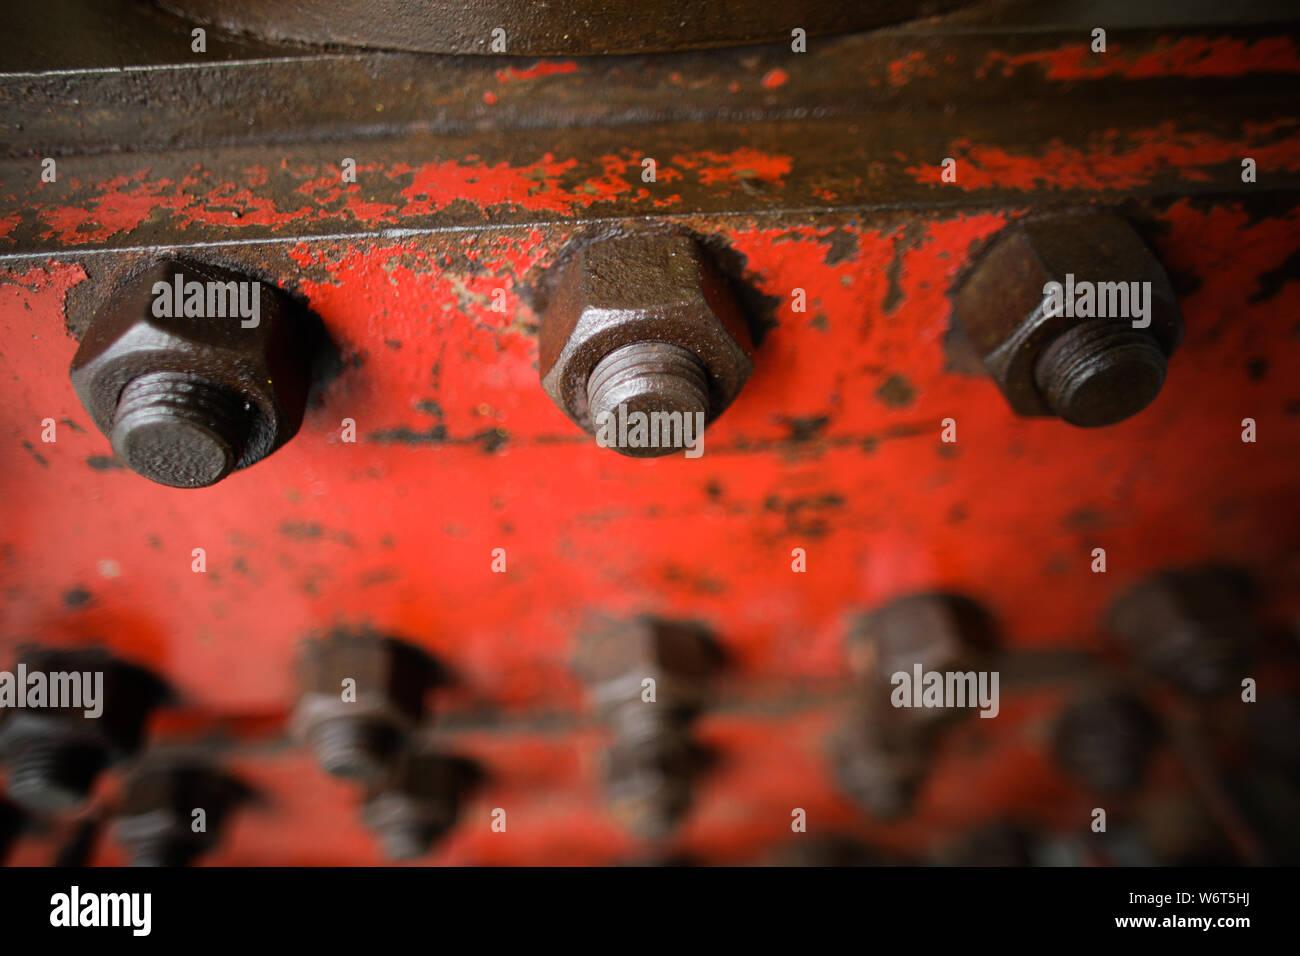 Profundidad de campo de imagen con Heavy Iron desgastados Equipos industriales utilizados en la industria de perforación de petróleo y gas (Rusty pernos, tuercas, tubos, palancas Foto de stock